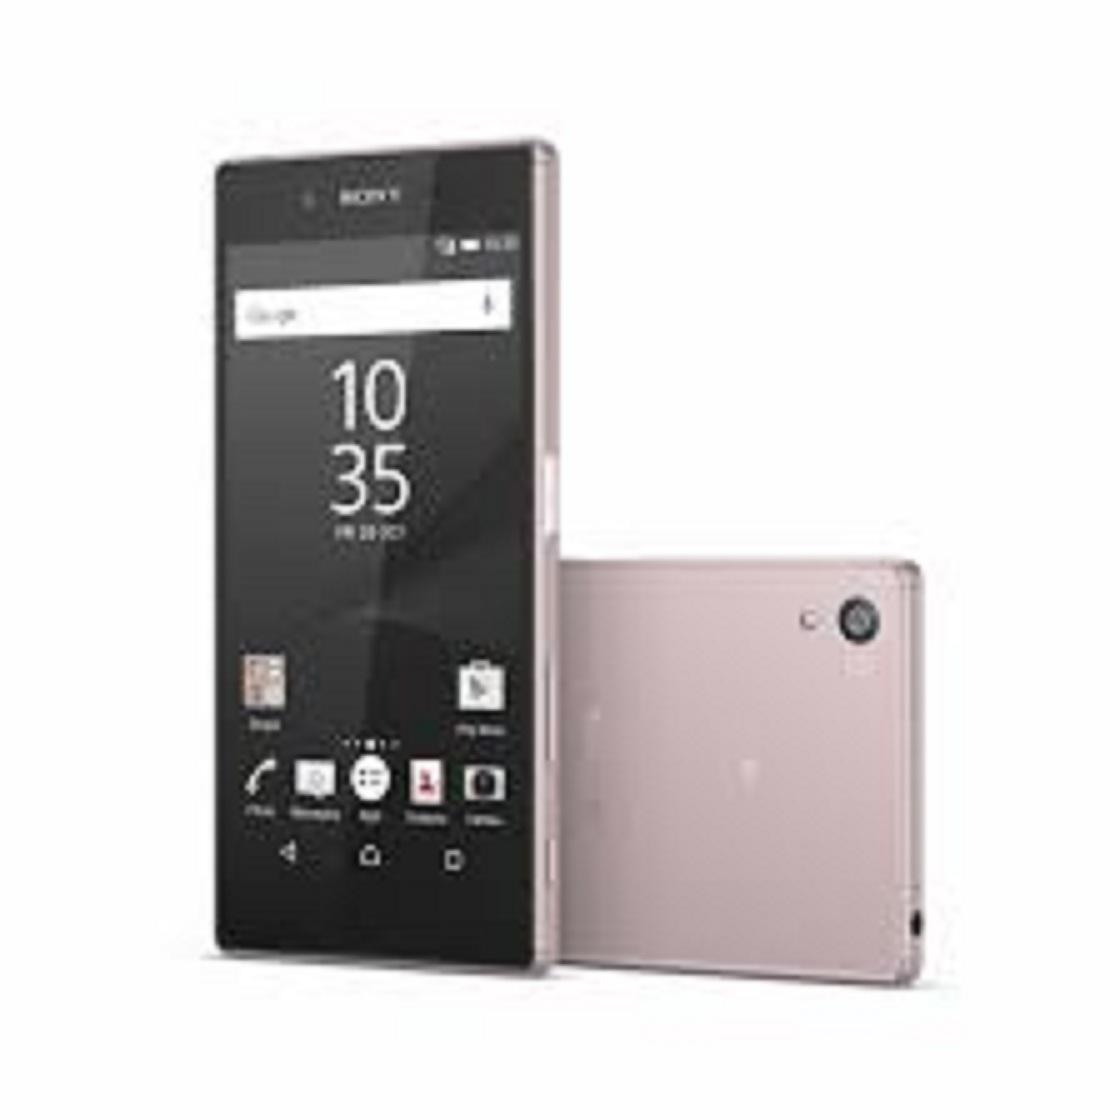 Giá Quá Tốt Để Có Sony Xperia Z5 Ram 3G/32G Mới - CHÍNH HÃNG - Bảo Hành 12 Tháng